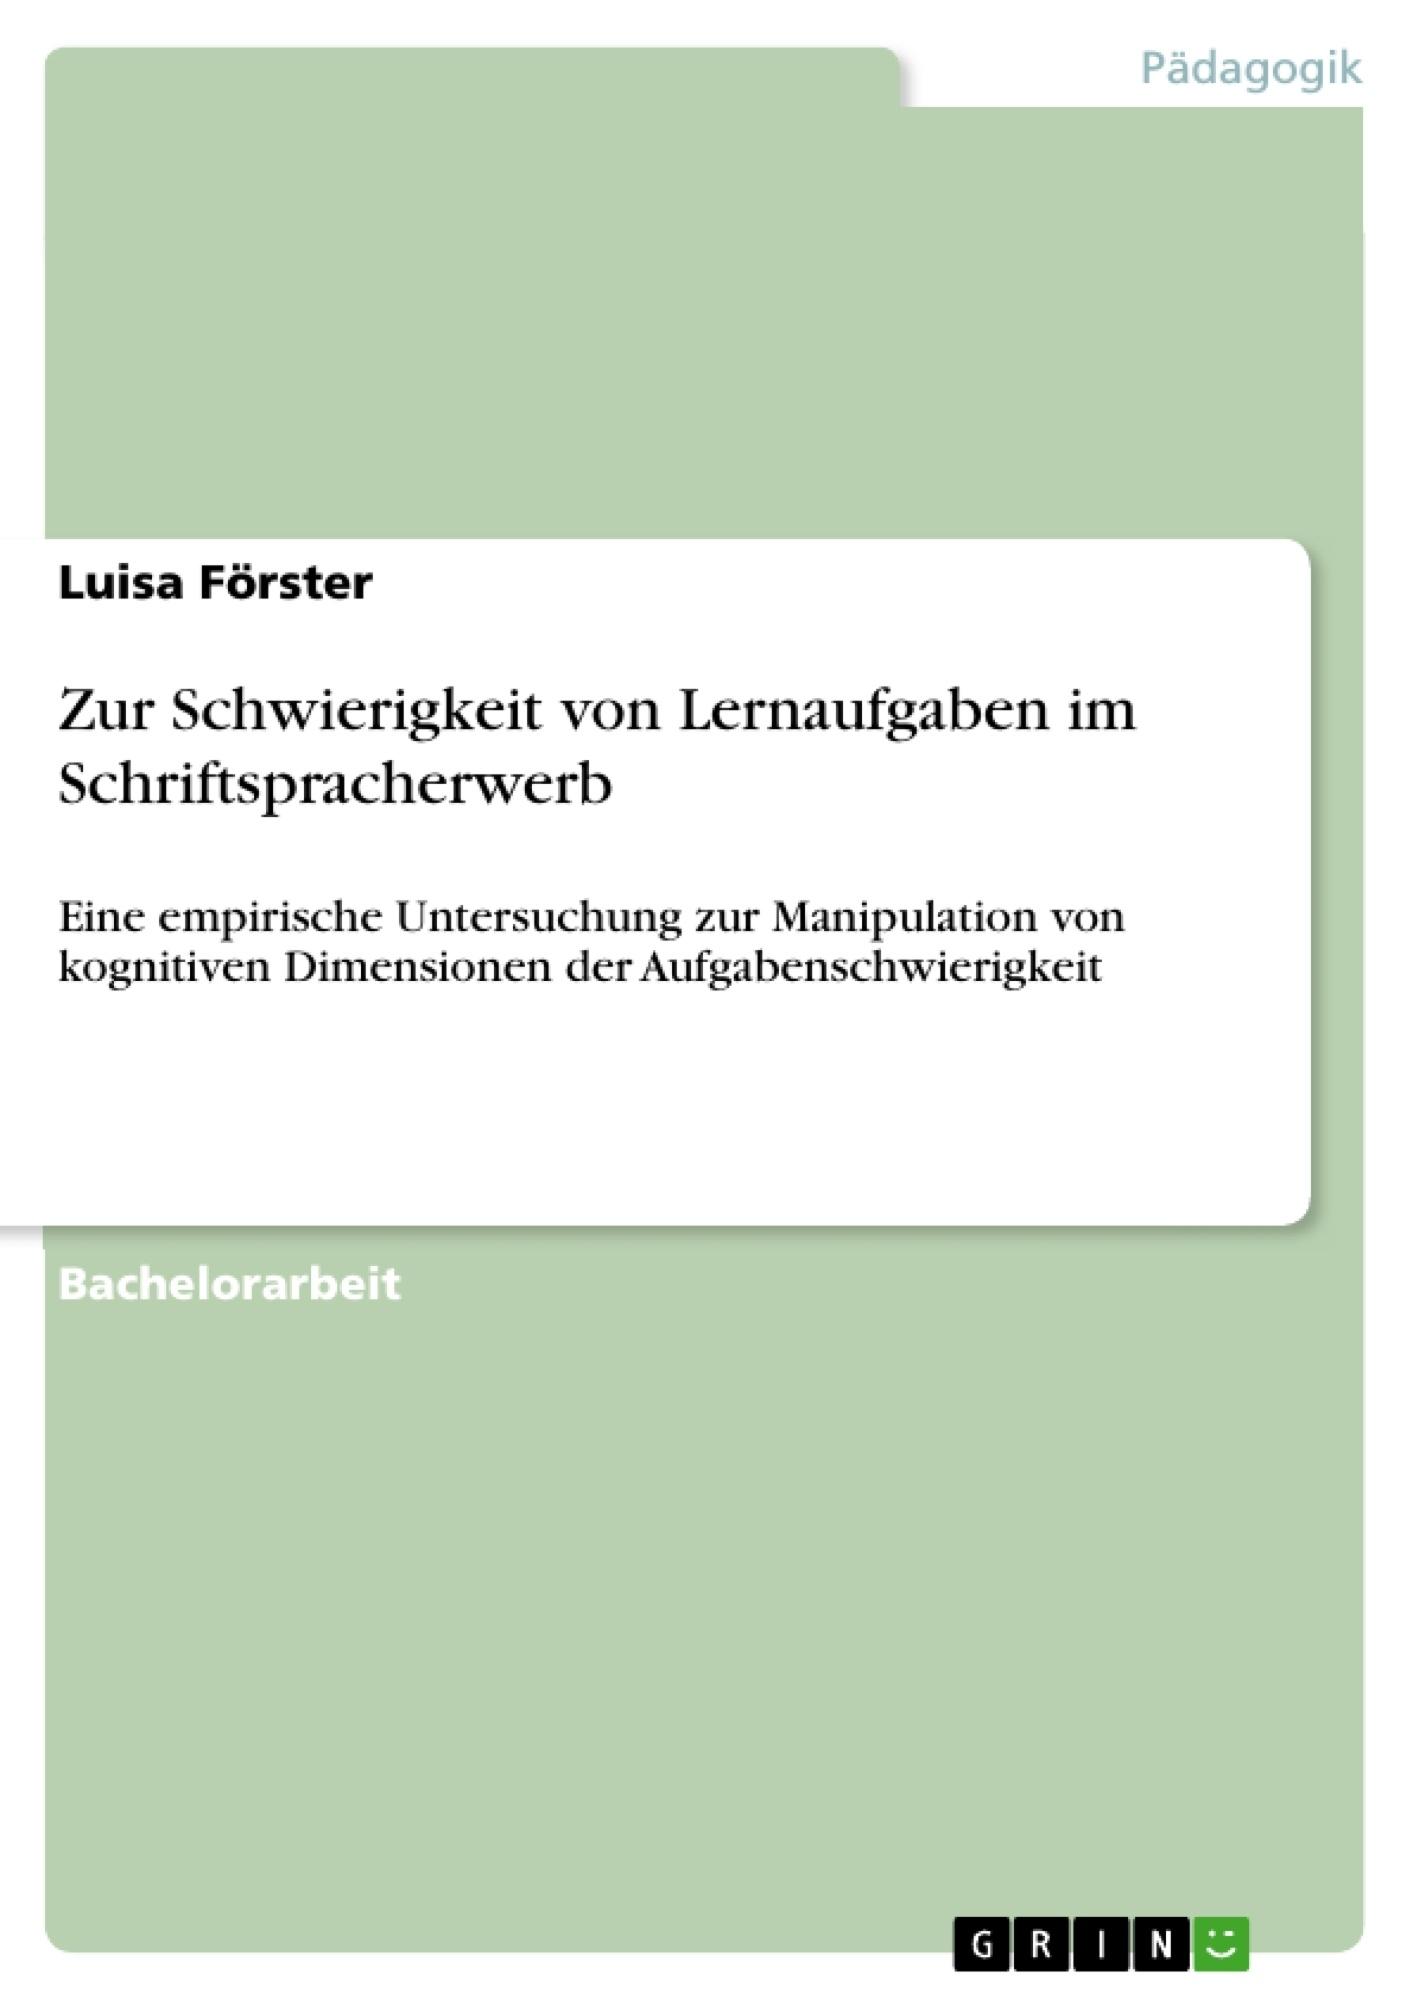 Titel: Zur Schwierigkeit von Lernaufgaben im Schriftspracherwerb